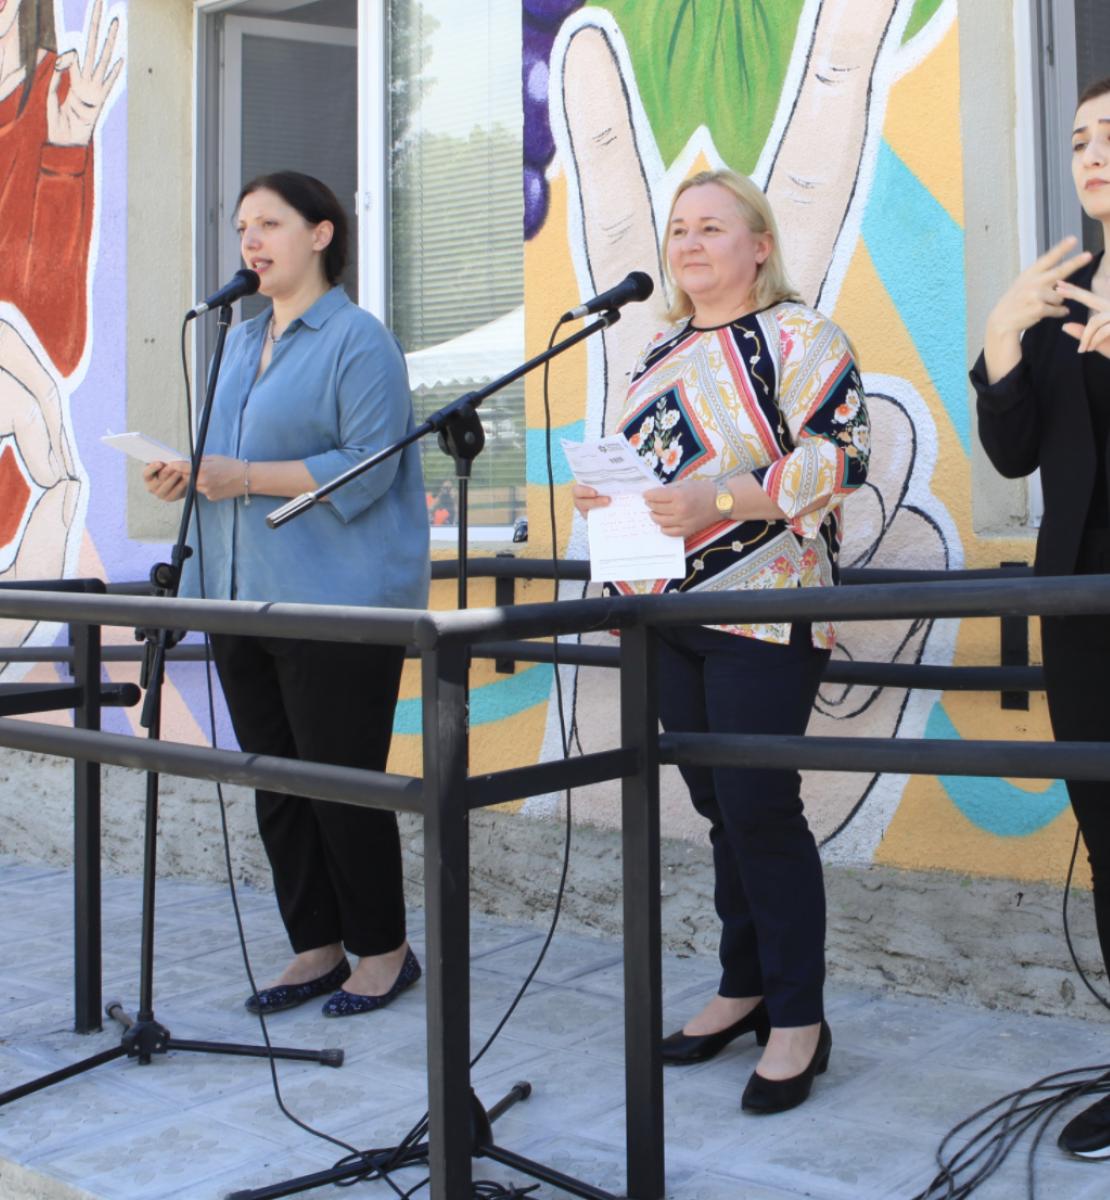 三名妇女站在一栋装饰着多种颜色的建筑物前。一头的黑衣女子正在将讲话内容翻译成手语。